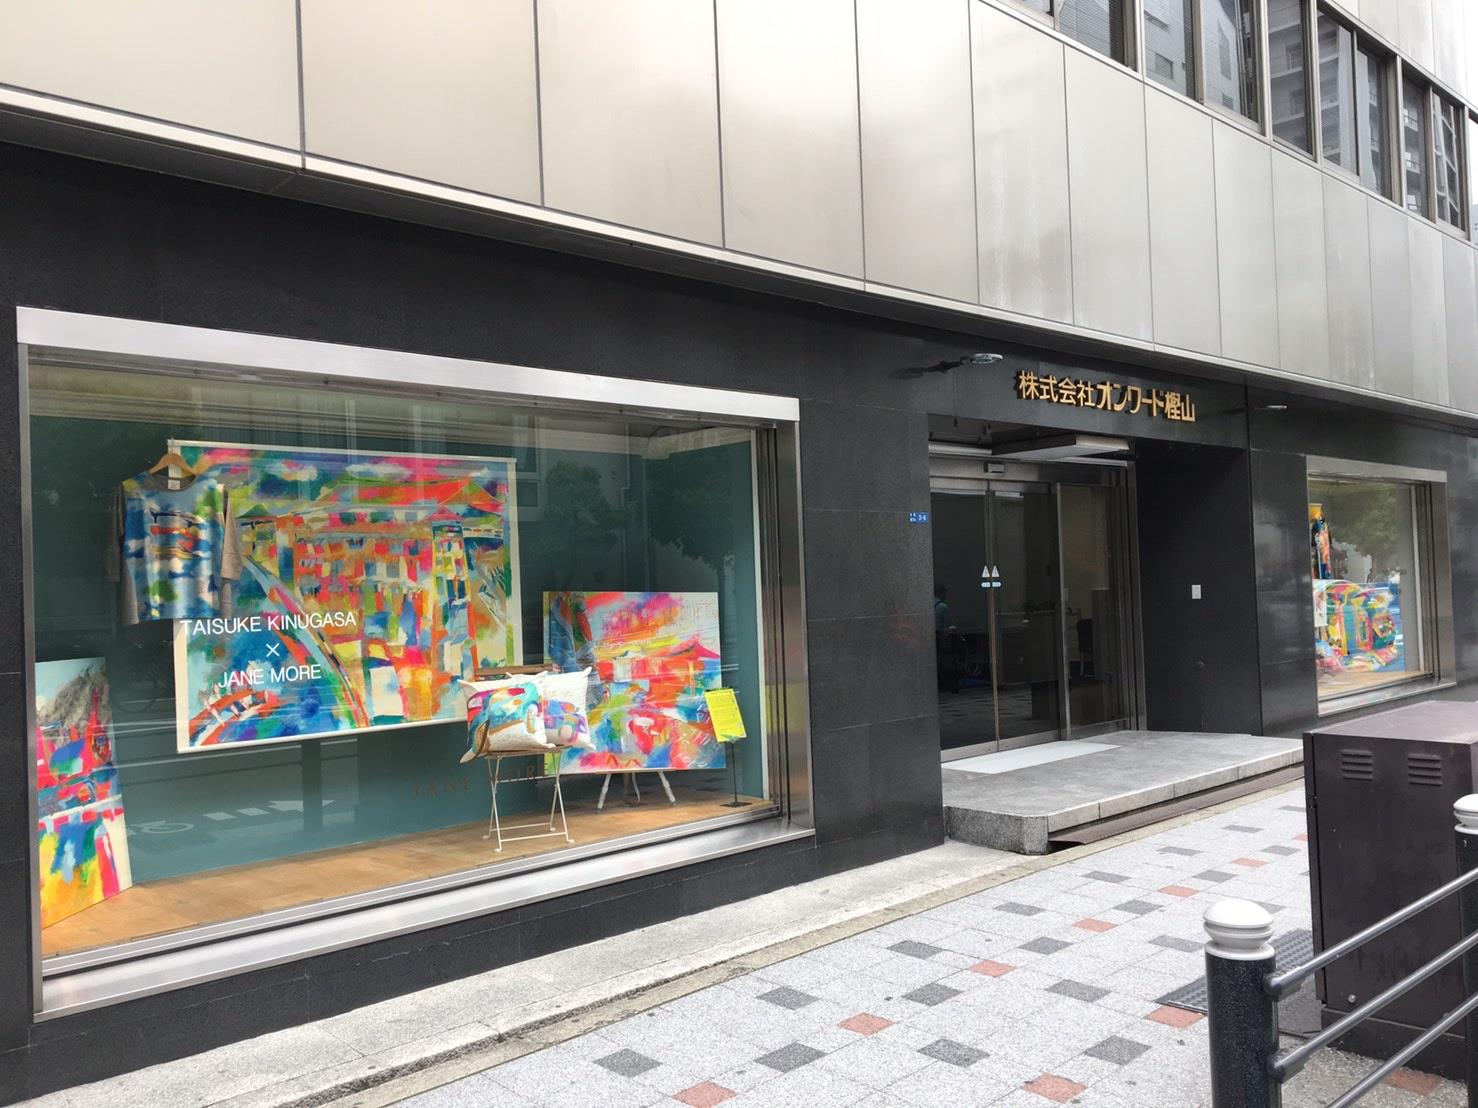 大阪御堂筋アート2017